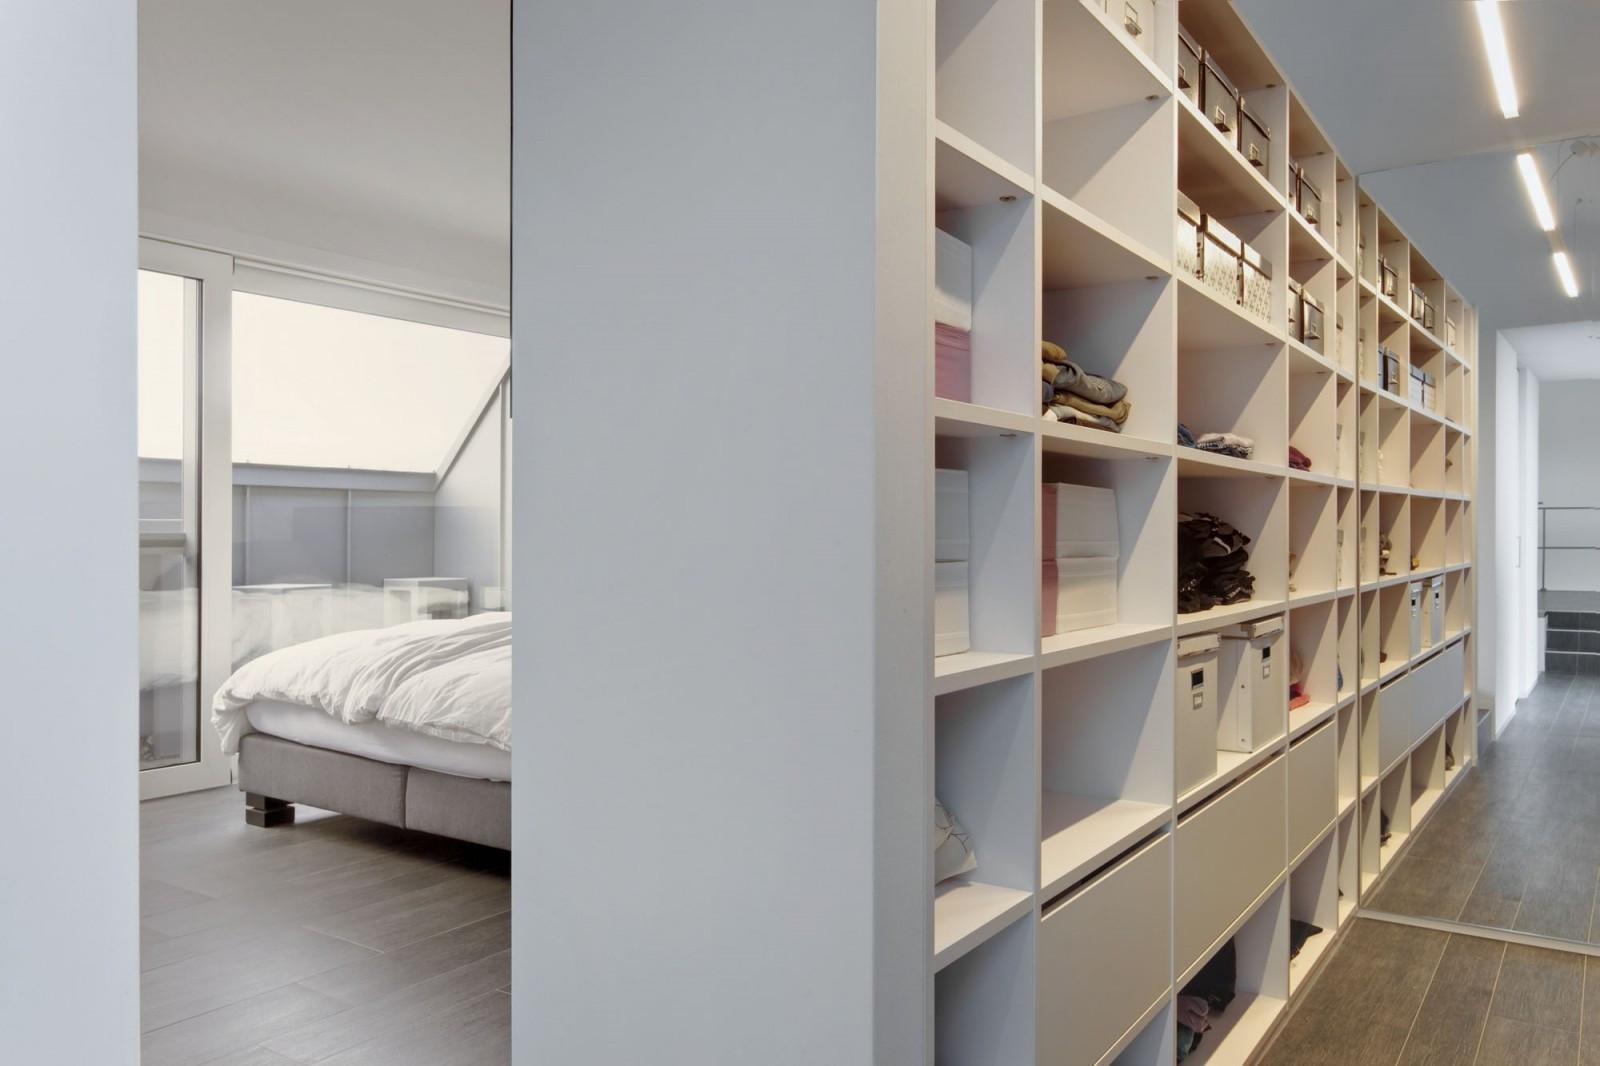 Slaapkamer In Kast : Inloopdressing naast slaapkamer u203a kast id kasten meubelen